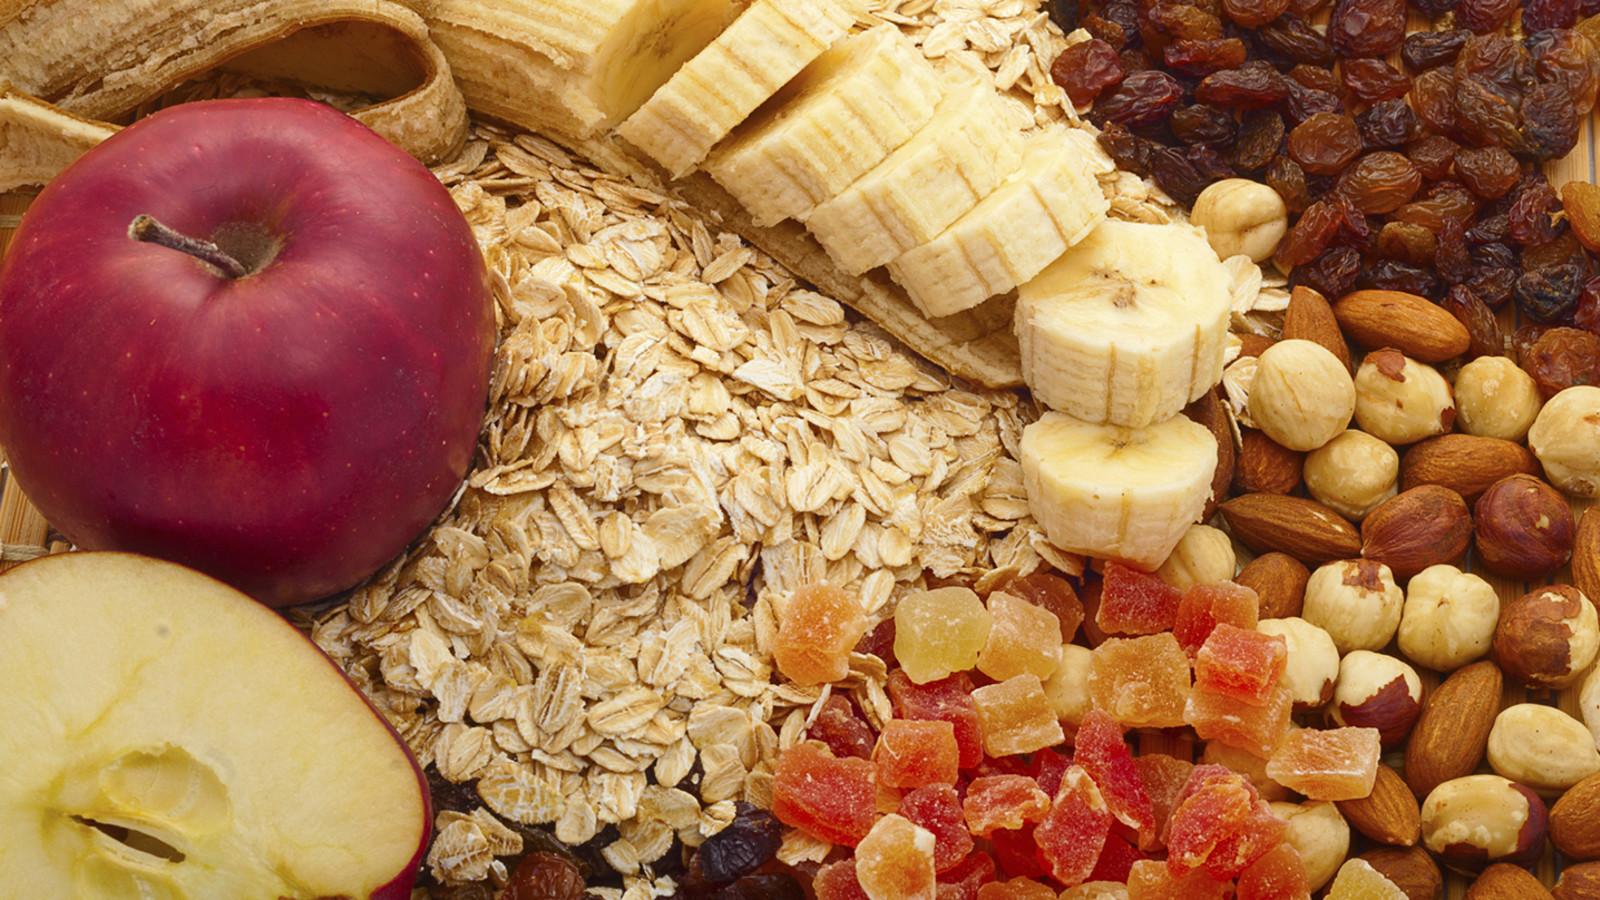 ¿Qué comer y qué no después de hacer ejercicio?